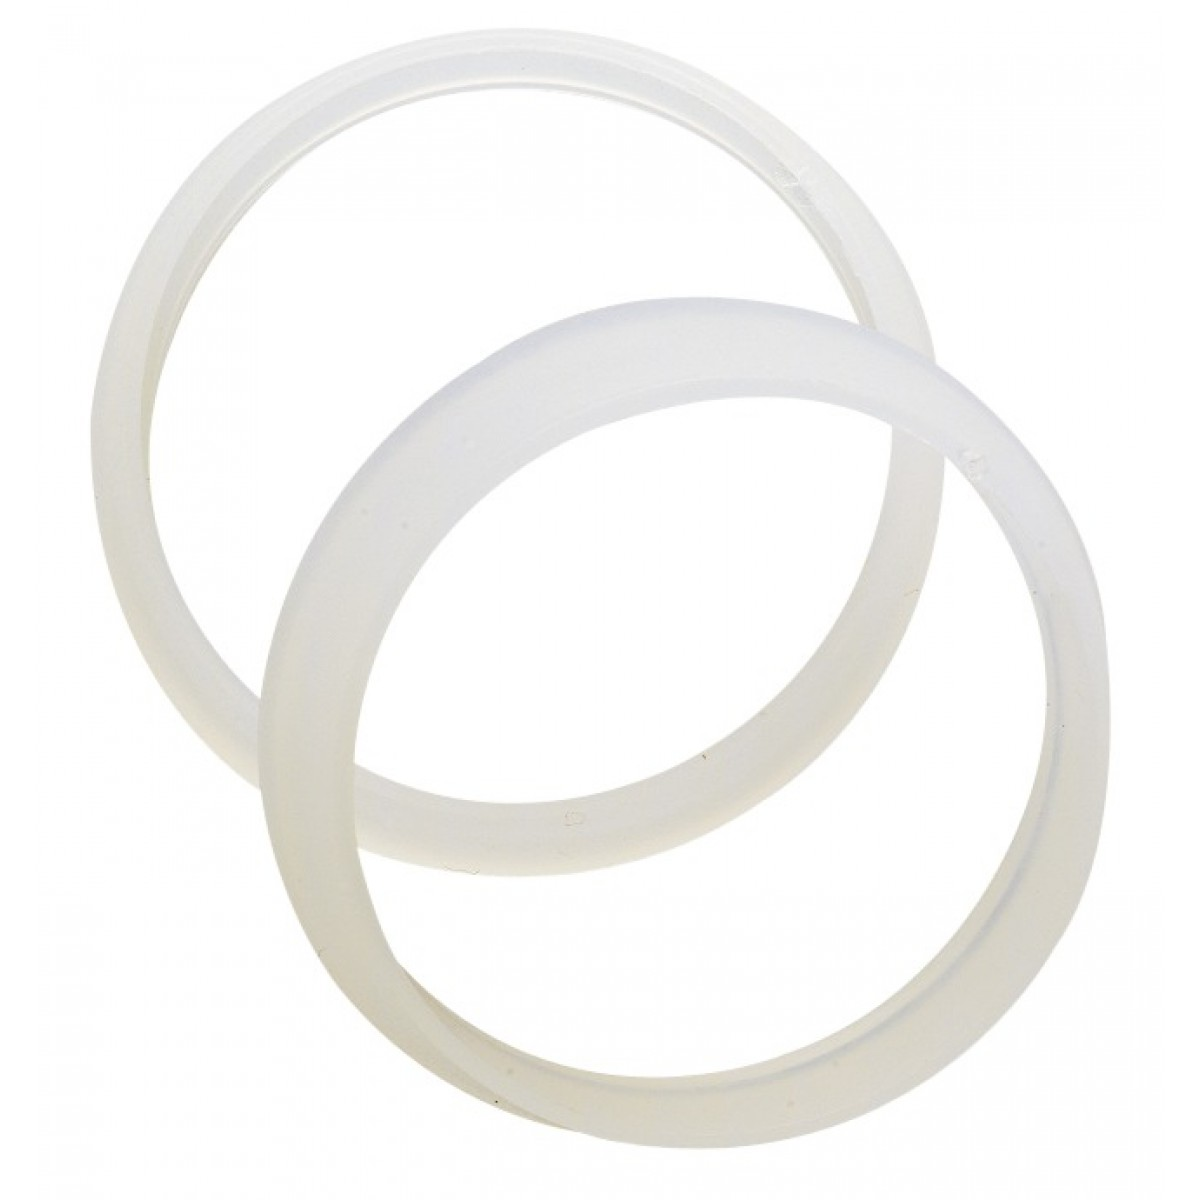 Joint conique pour tuyau Gripp - Diamètre 40 mm - Vendu par 3